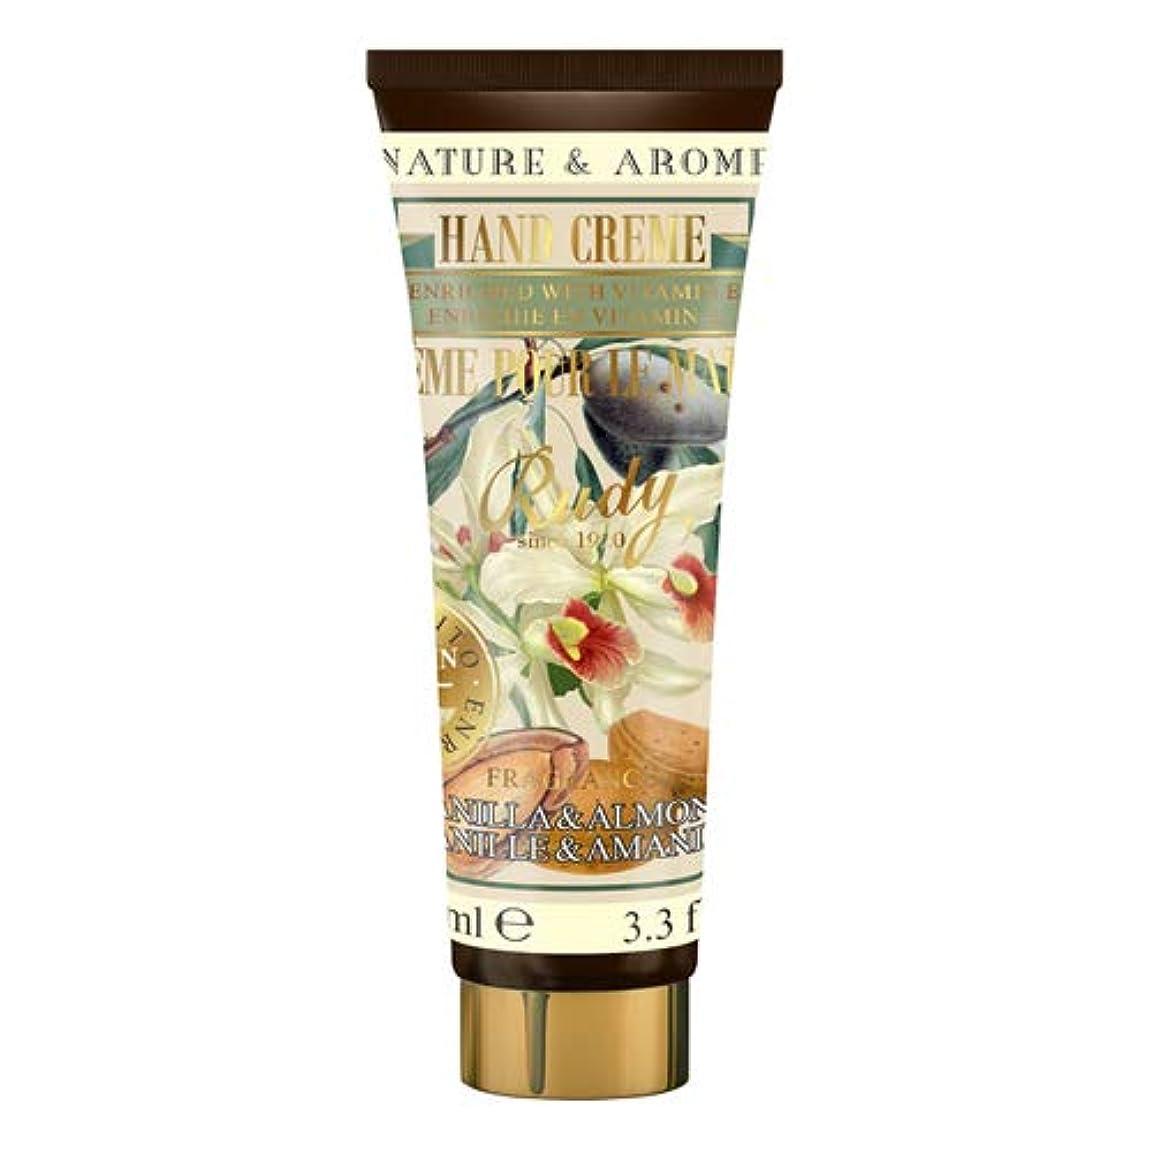 過激派透過性元気なRUDY Nature&Arome Apothecary ネイチャーアロマ アポセカリー Hand Cream ハンドクリーム Vanilla & Almond バニラ&アーモンド